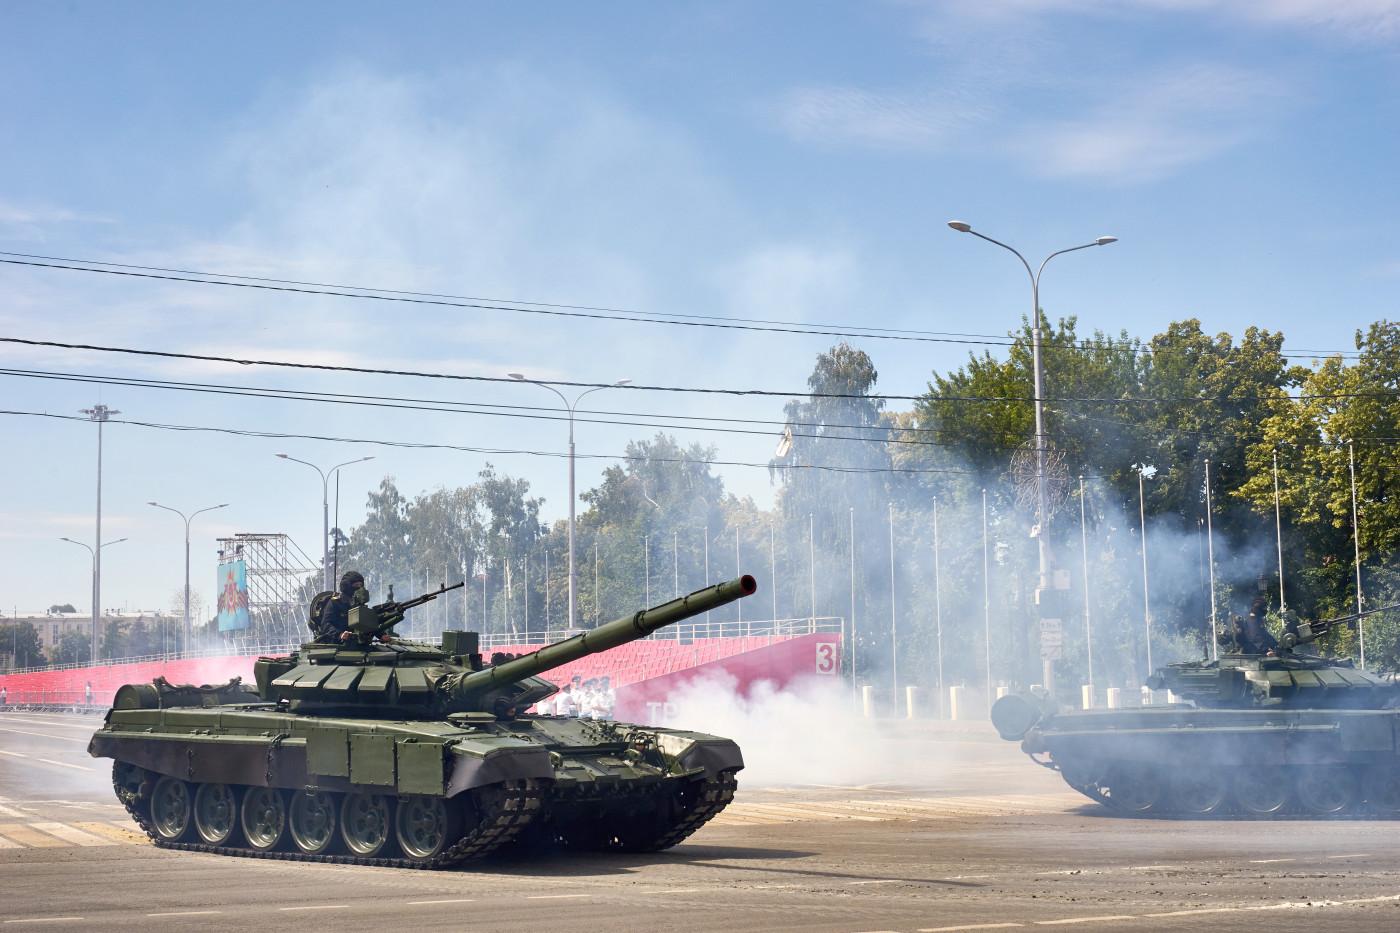 танк Т-90 парадного расчета. г. Самара, ул. Вилоновская